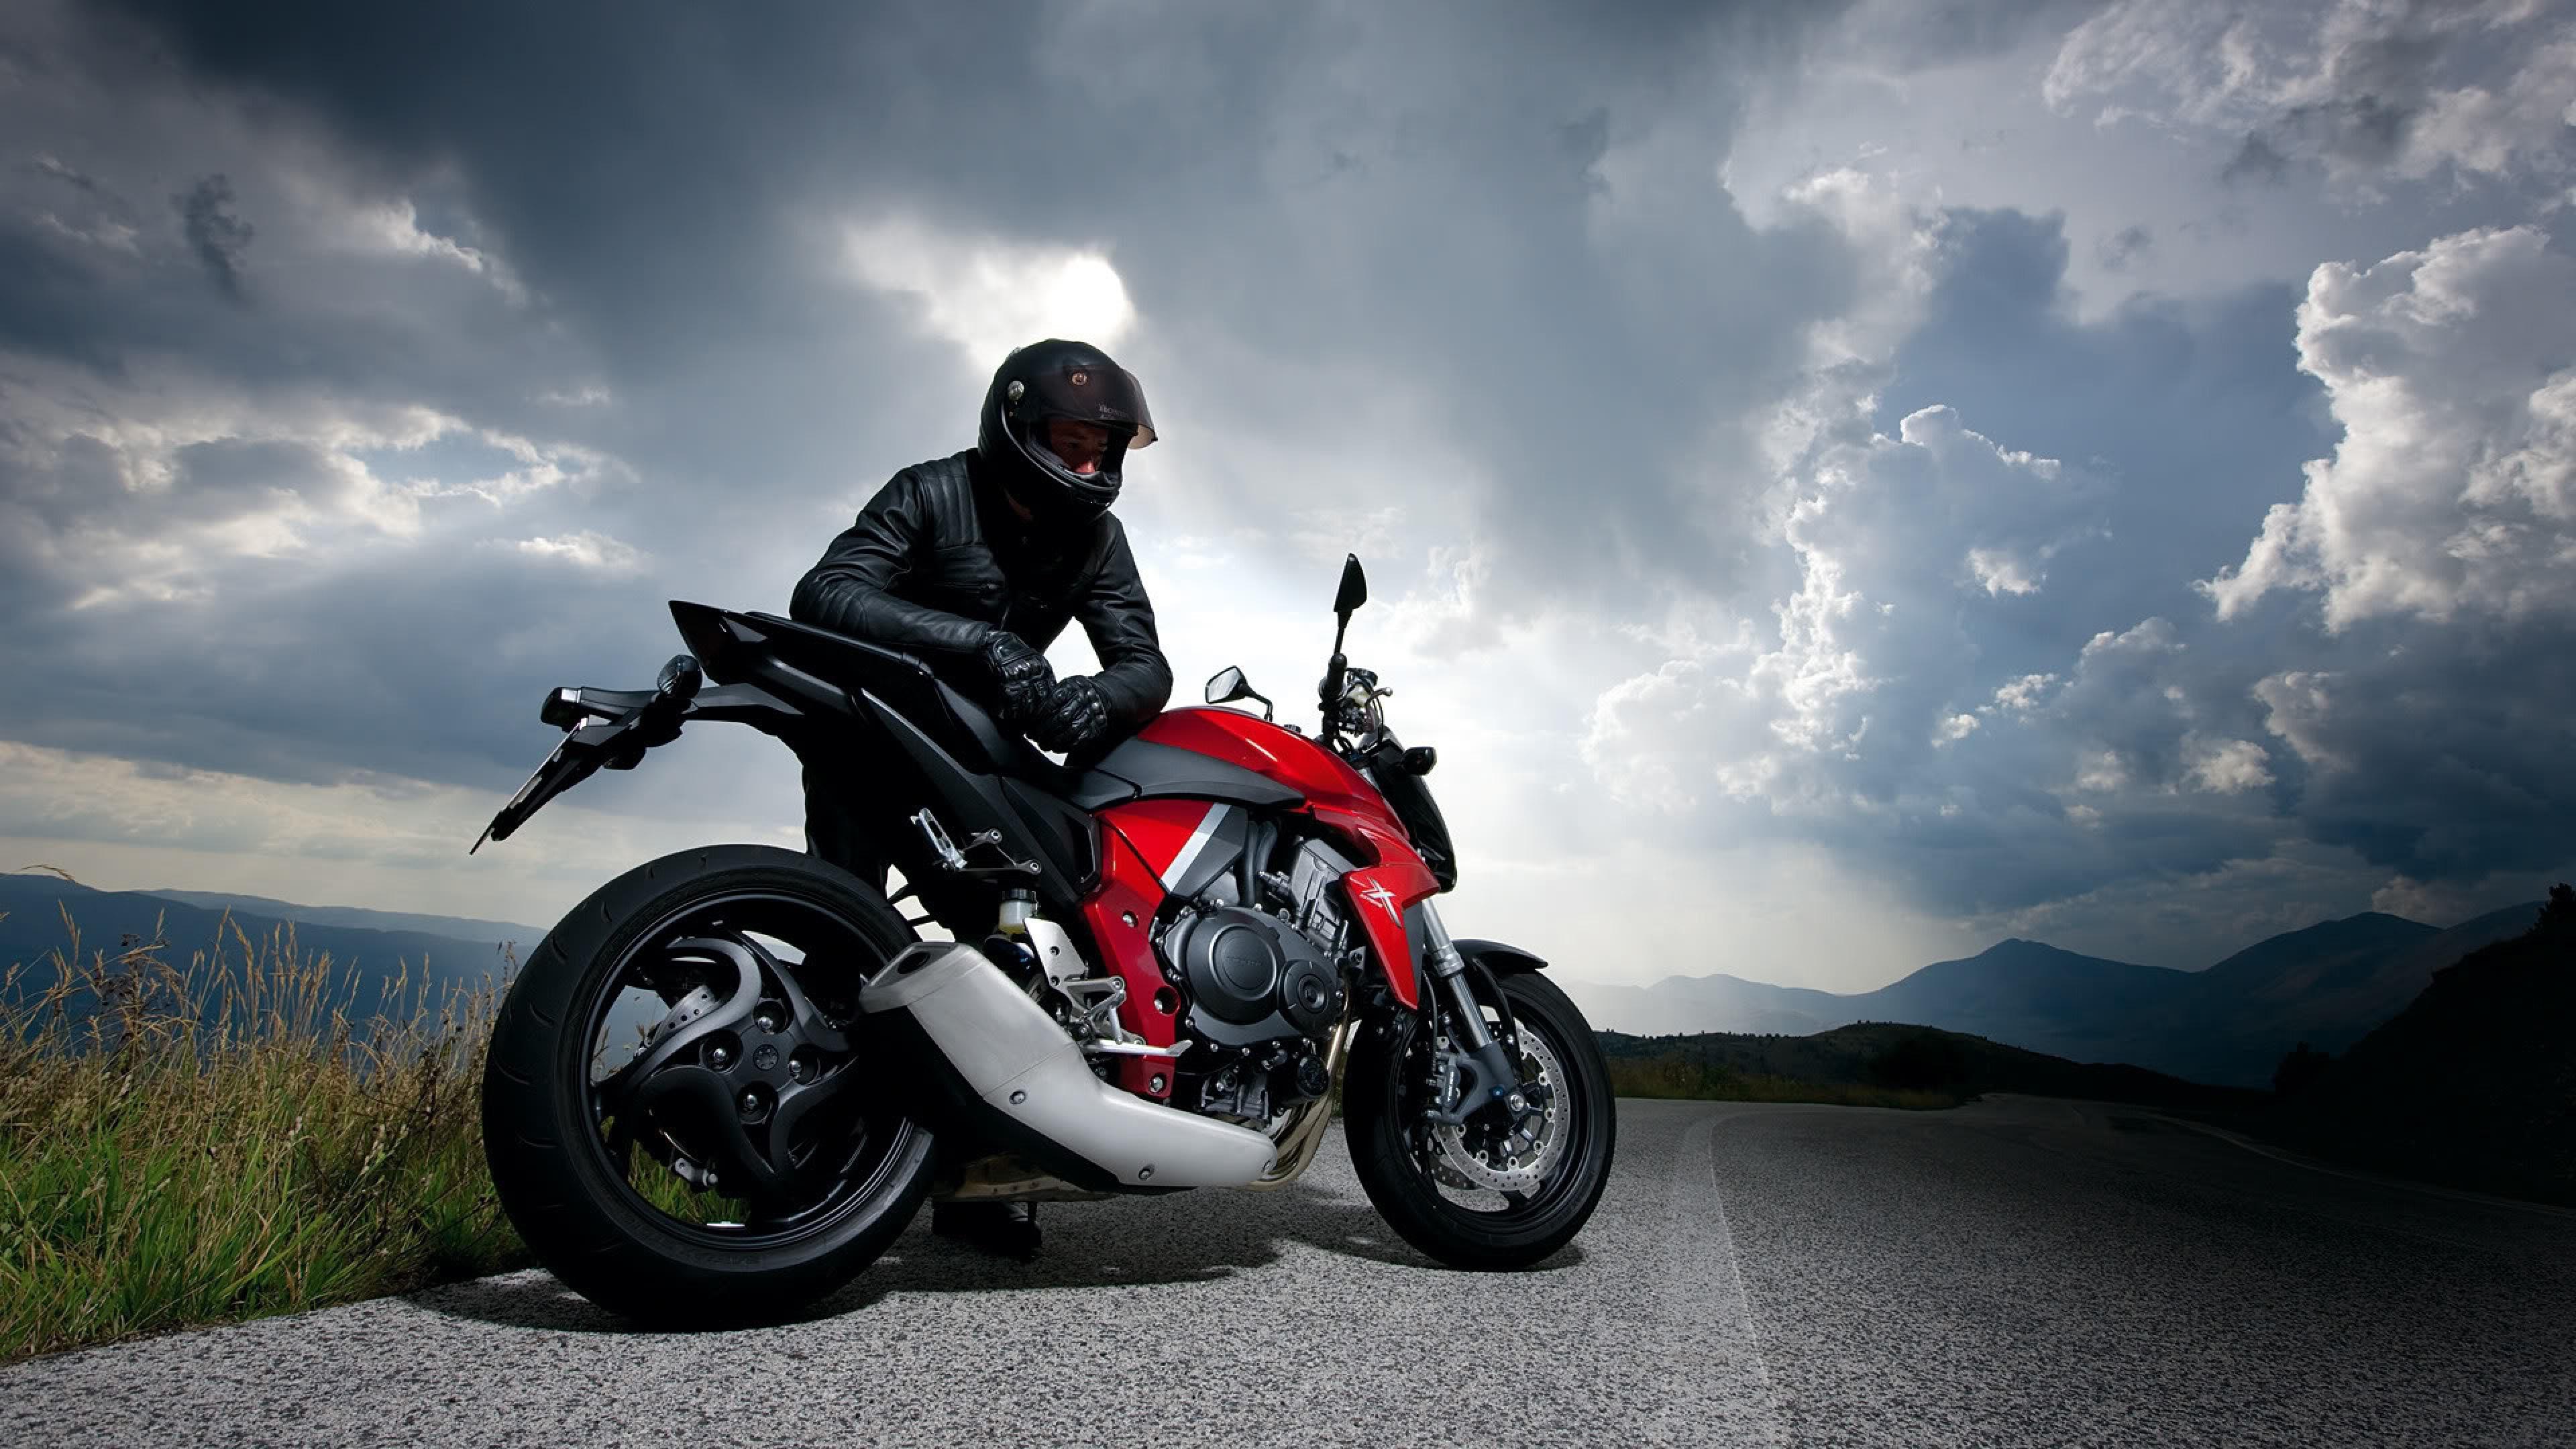 Bikers Quotes Wallpapers Motorcycle Wallpapers Hd Pixelstalk Net